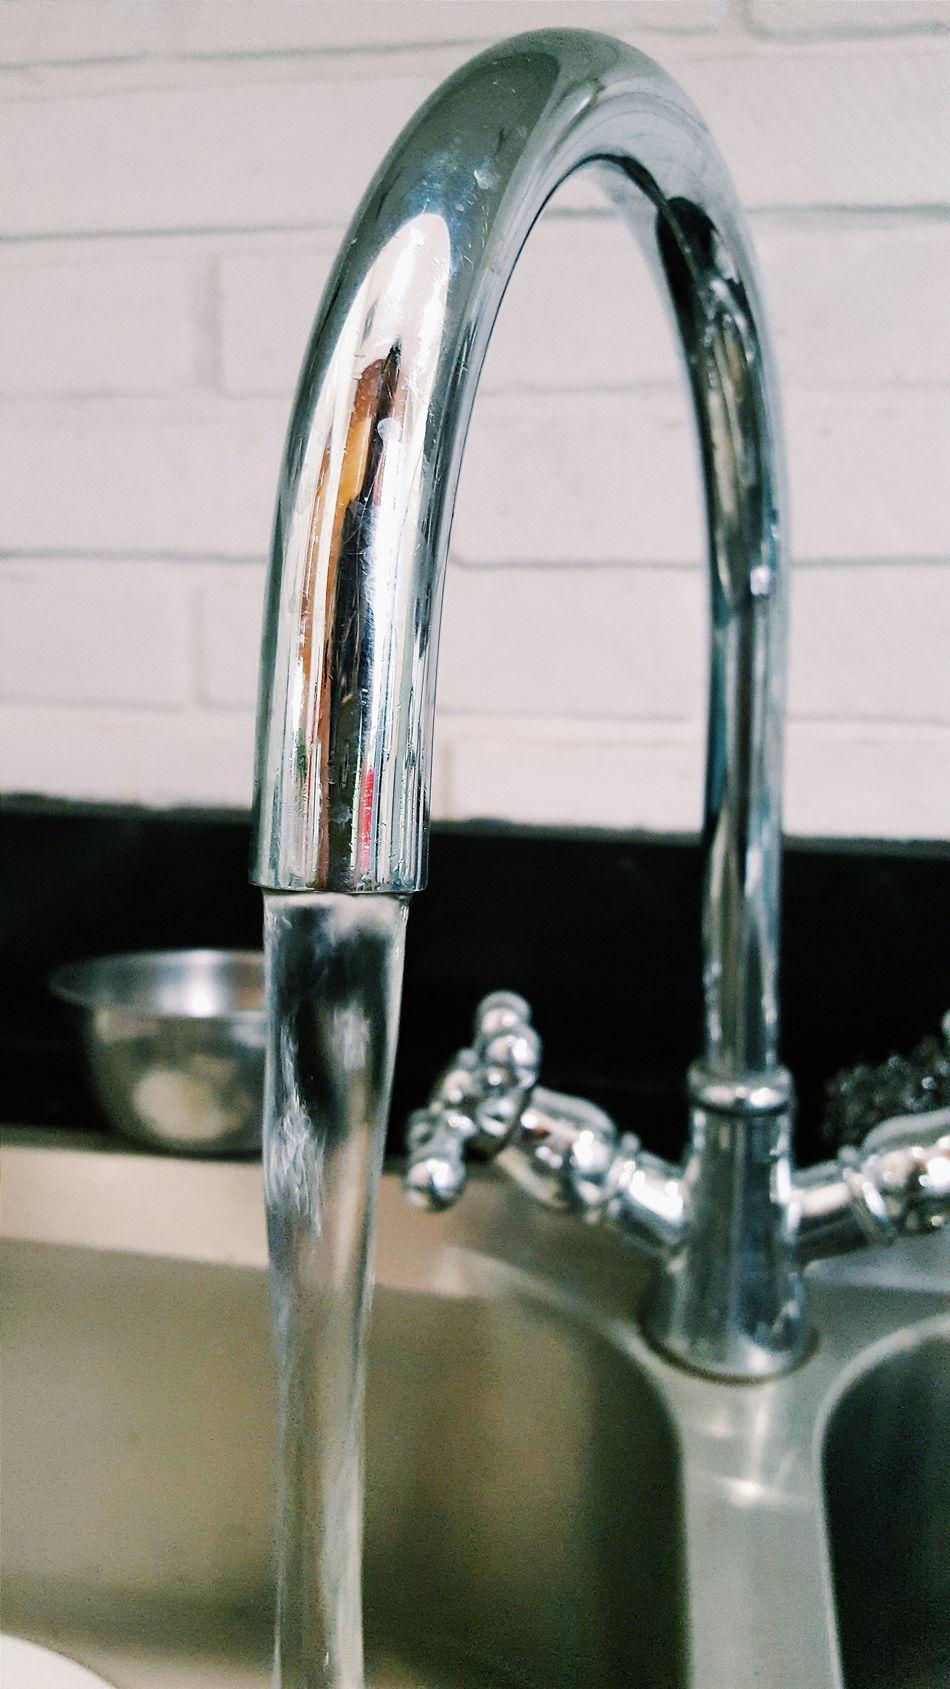 Dish Dishwashing Water Dish Water Tap Washer Washing Wash Cleaning Disposal Kitchen Running Water Water Tap Water Dishwasher Reflection Steel Material